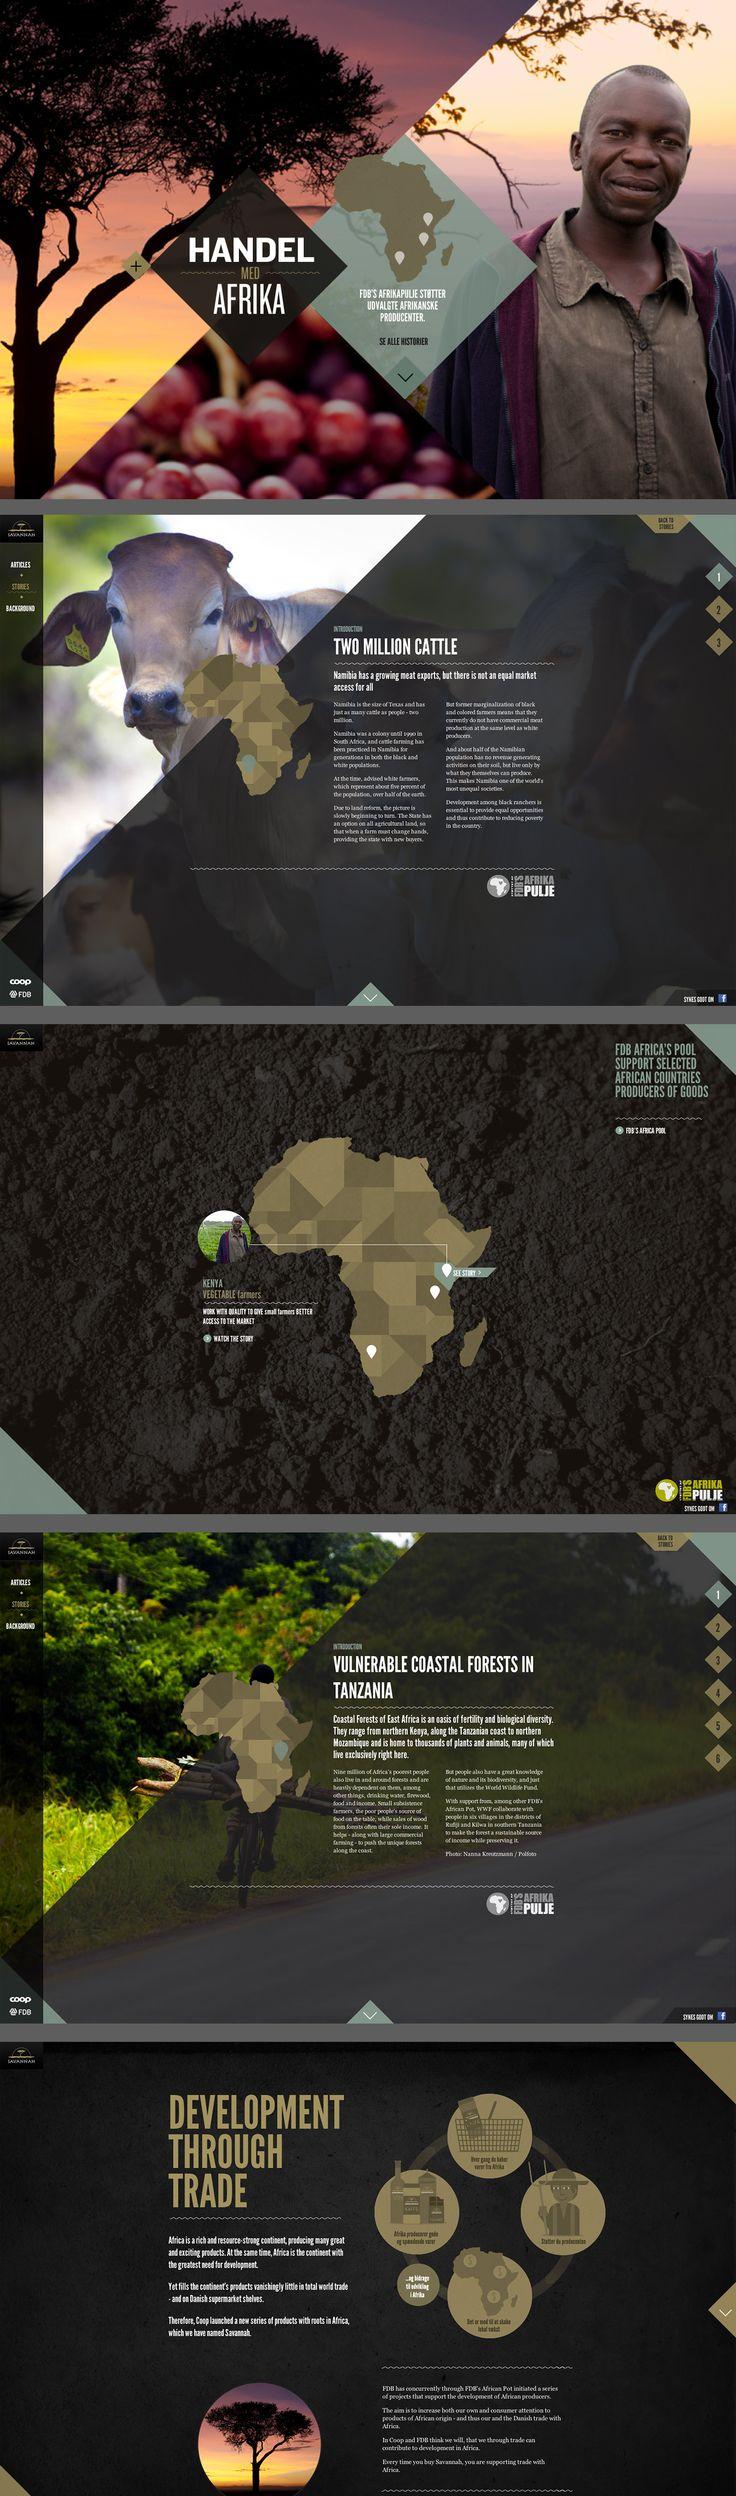 http://handelmedafrika.dk/